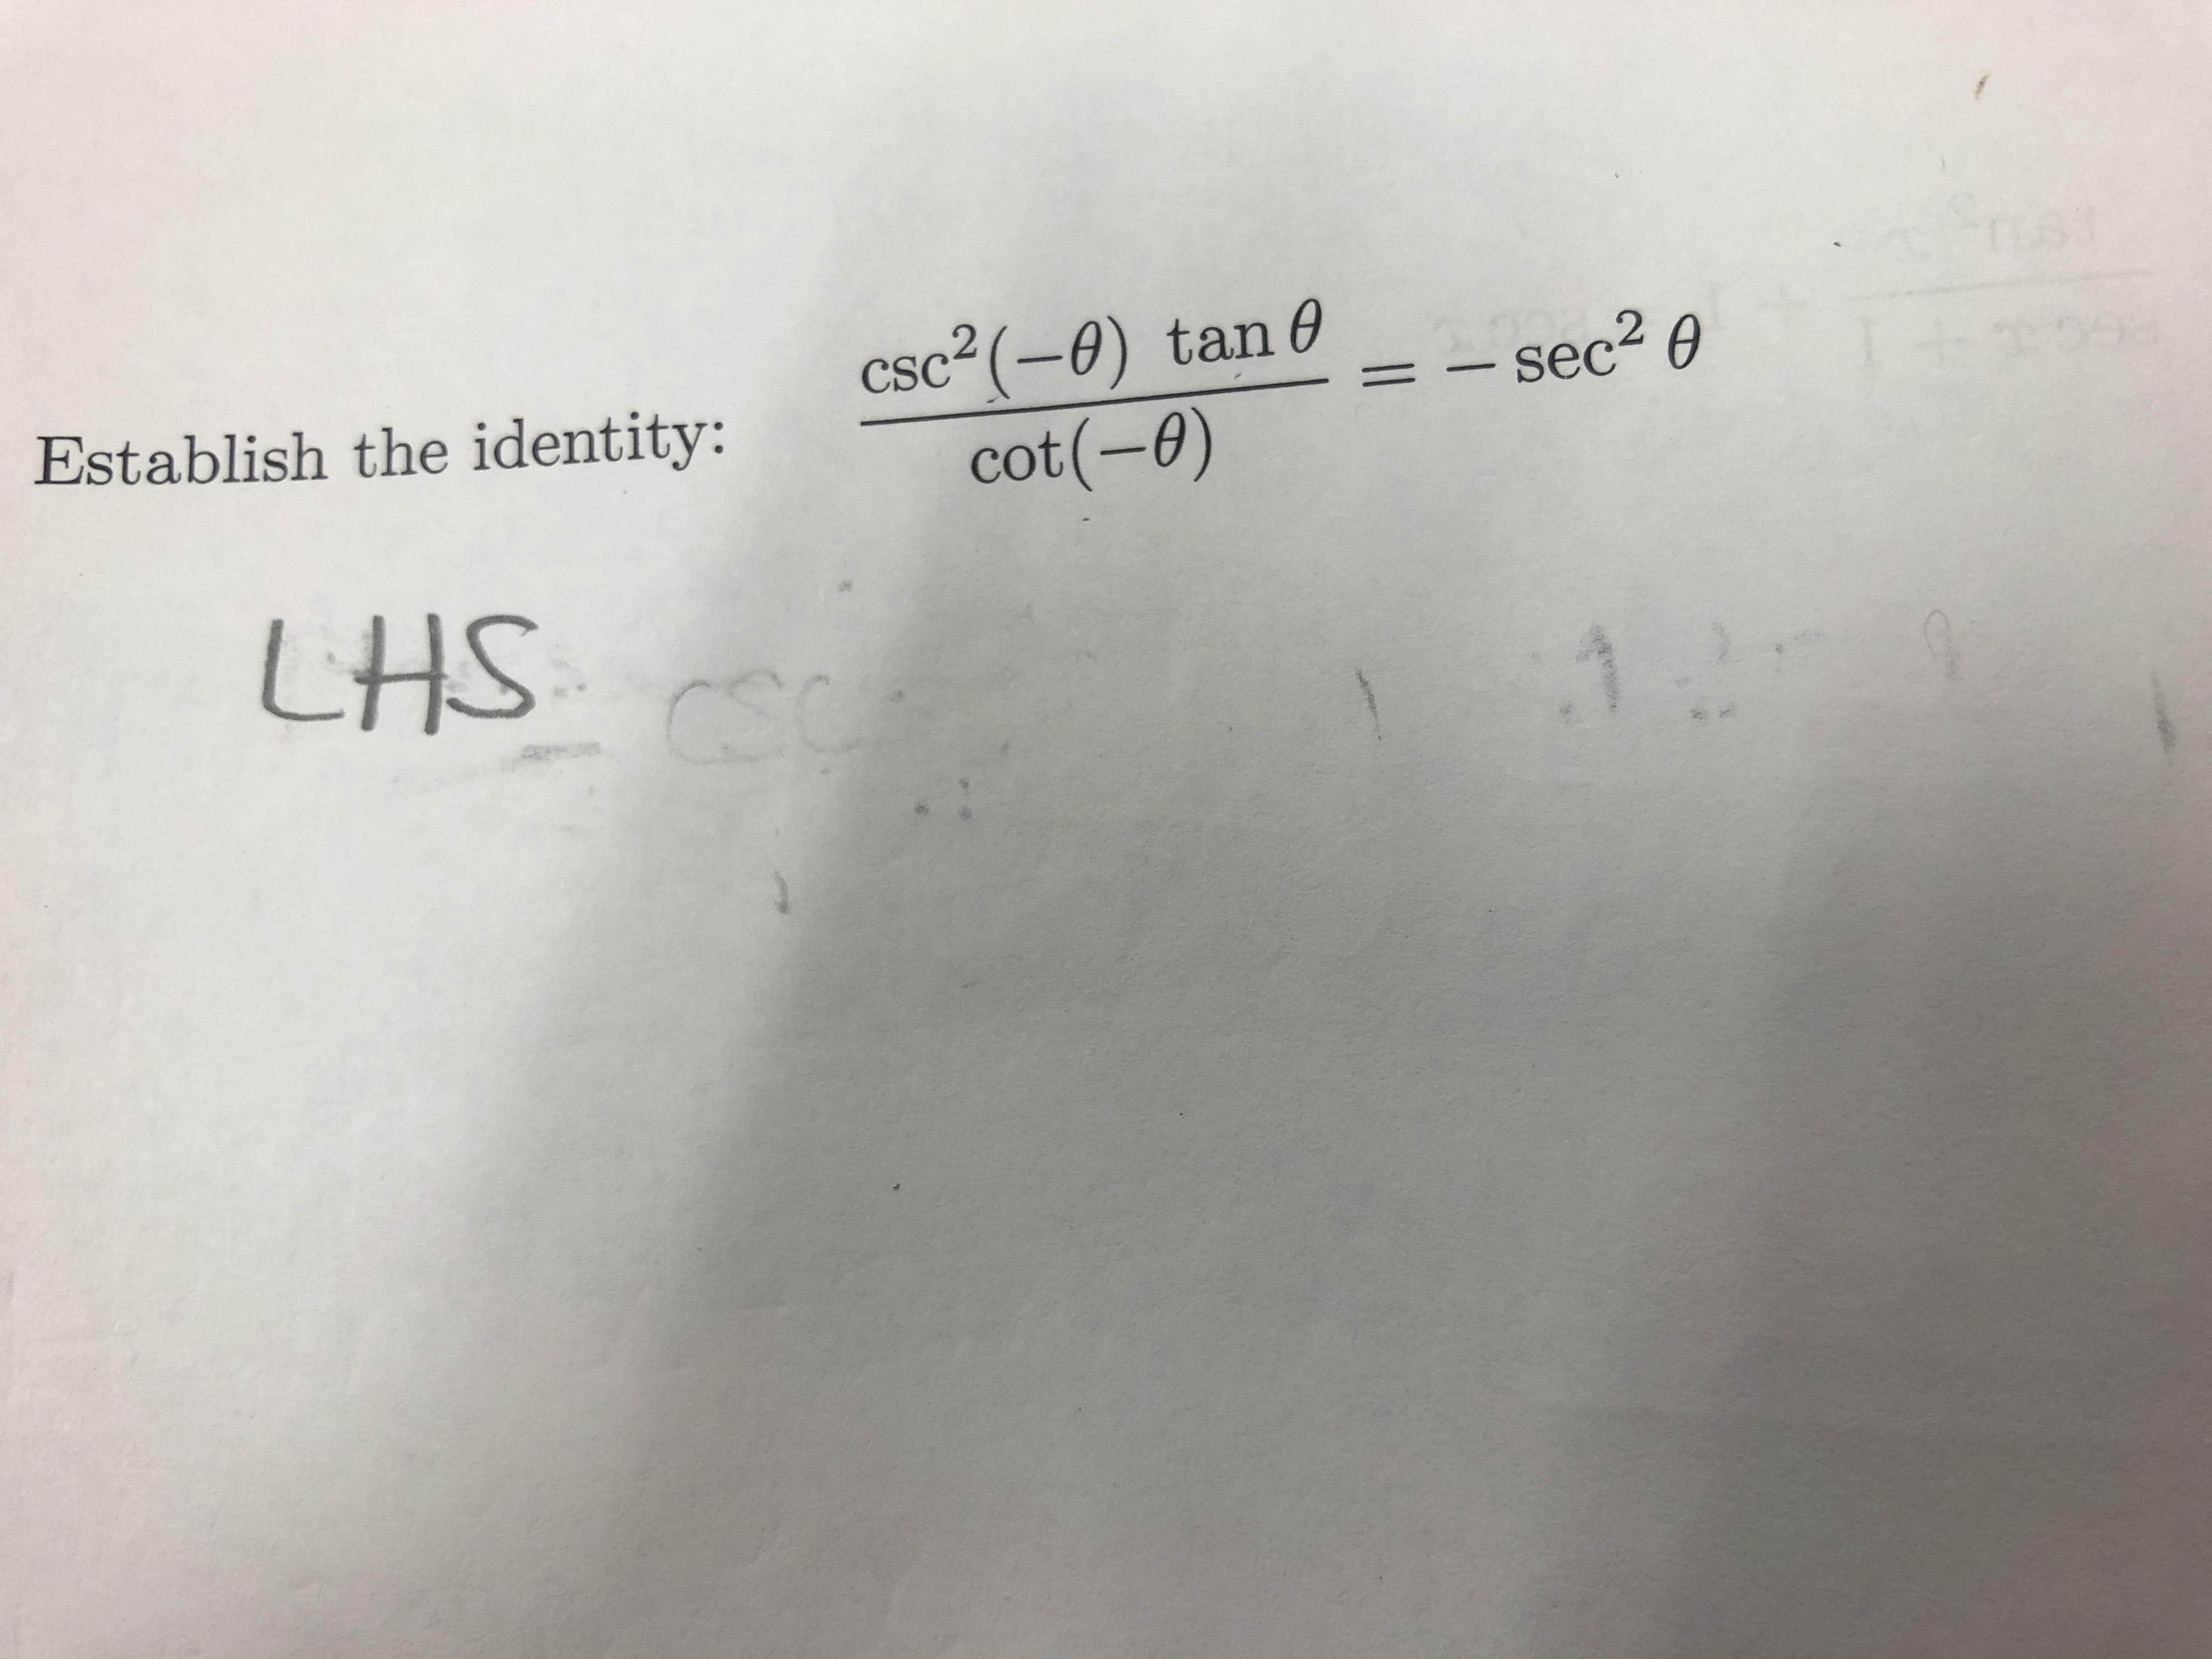 csc2 (-0) tan 0 cot(-0) Establish the identity: - sec2 e LHS CSC